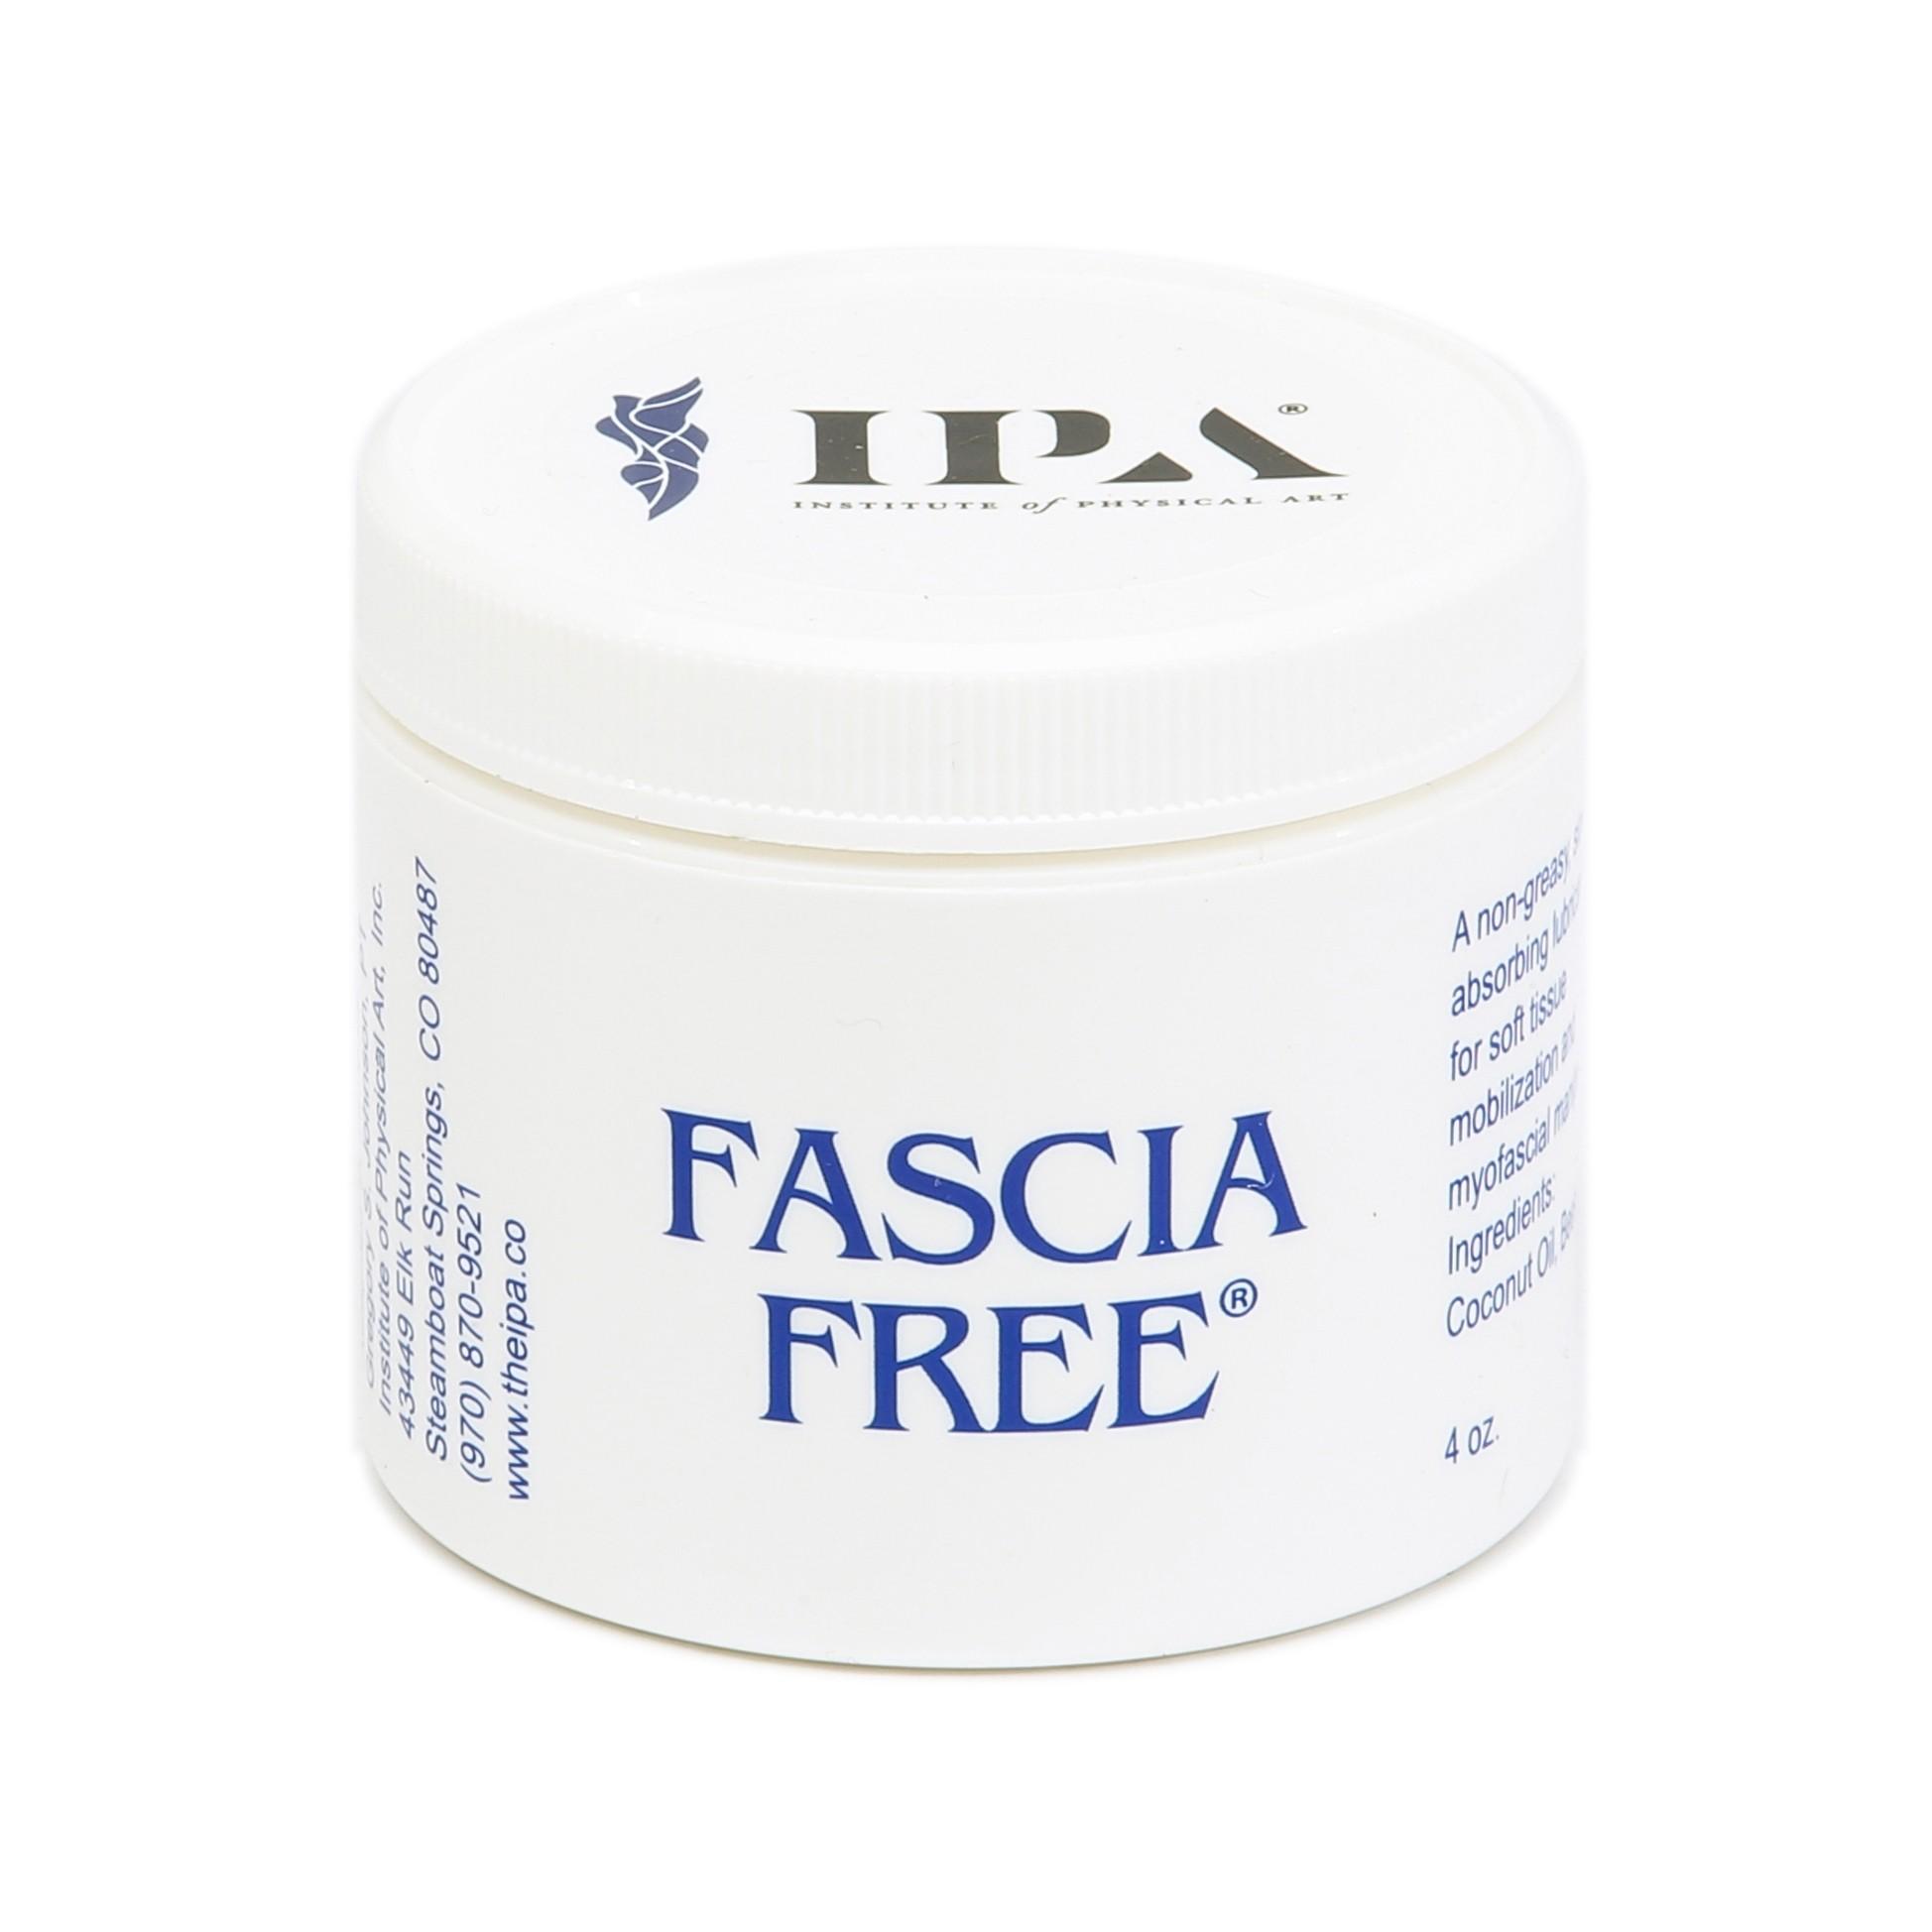 01.Fascia Free - 4 oz